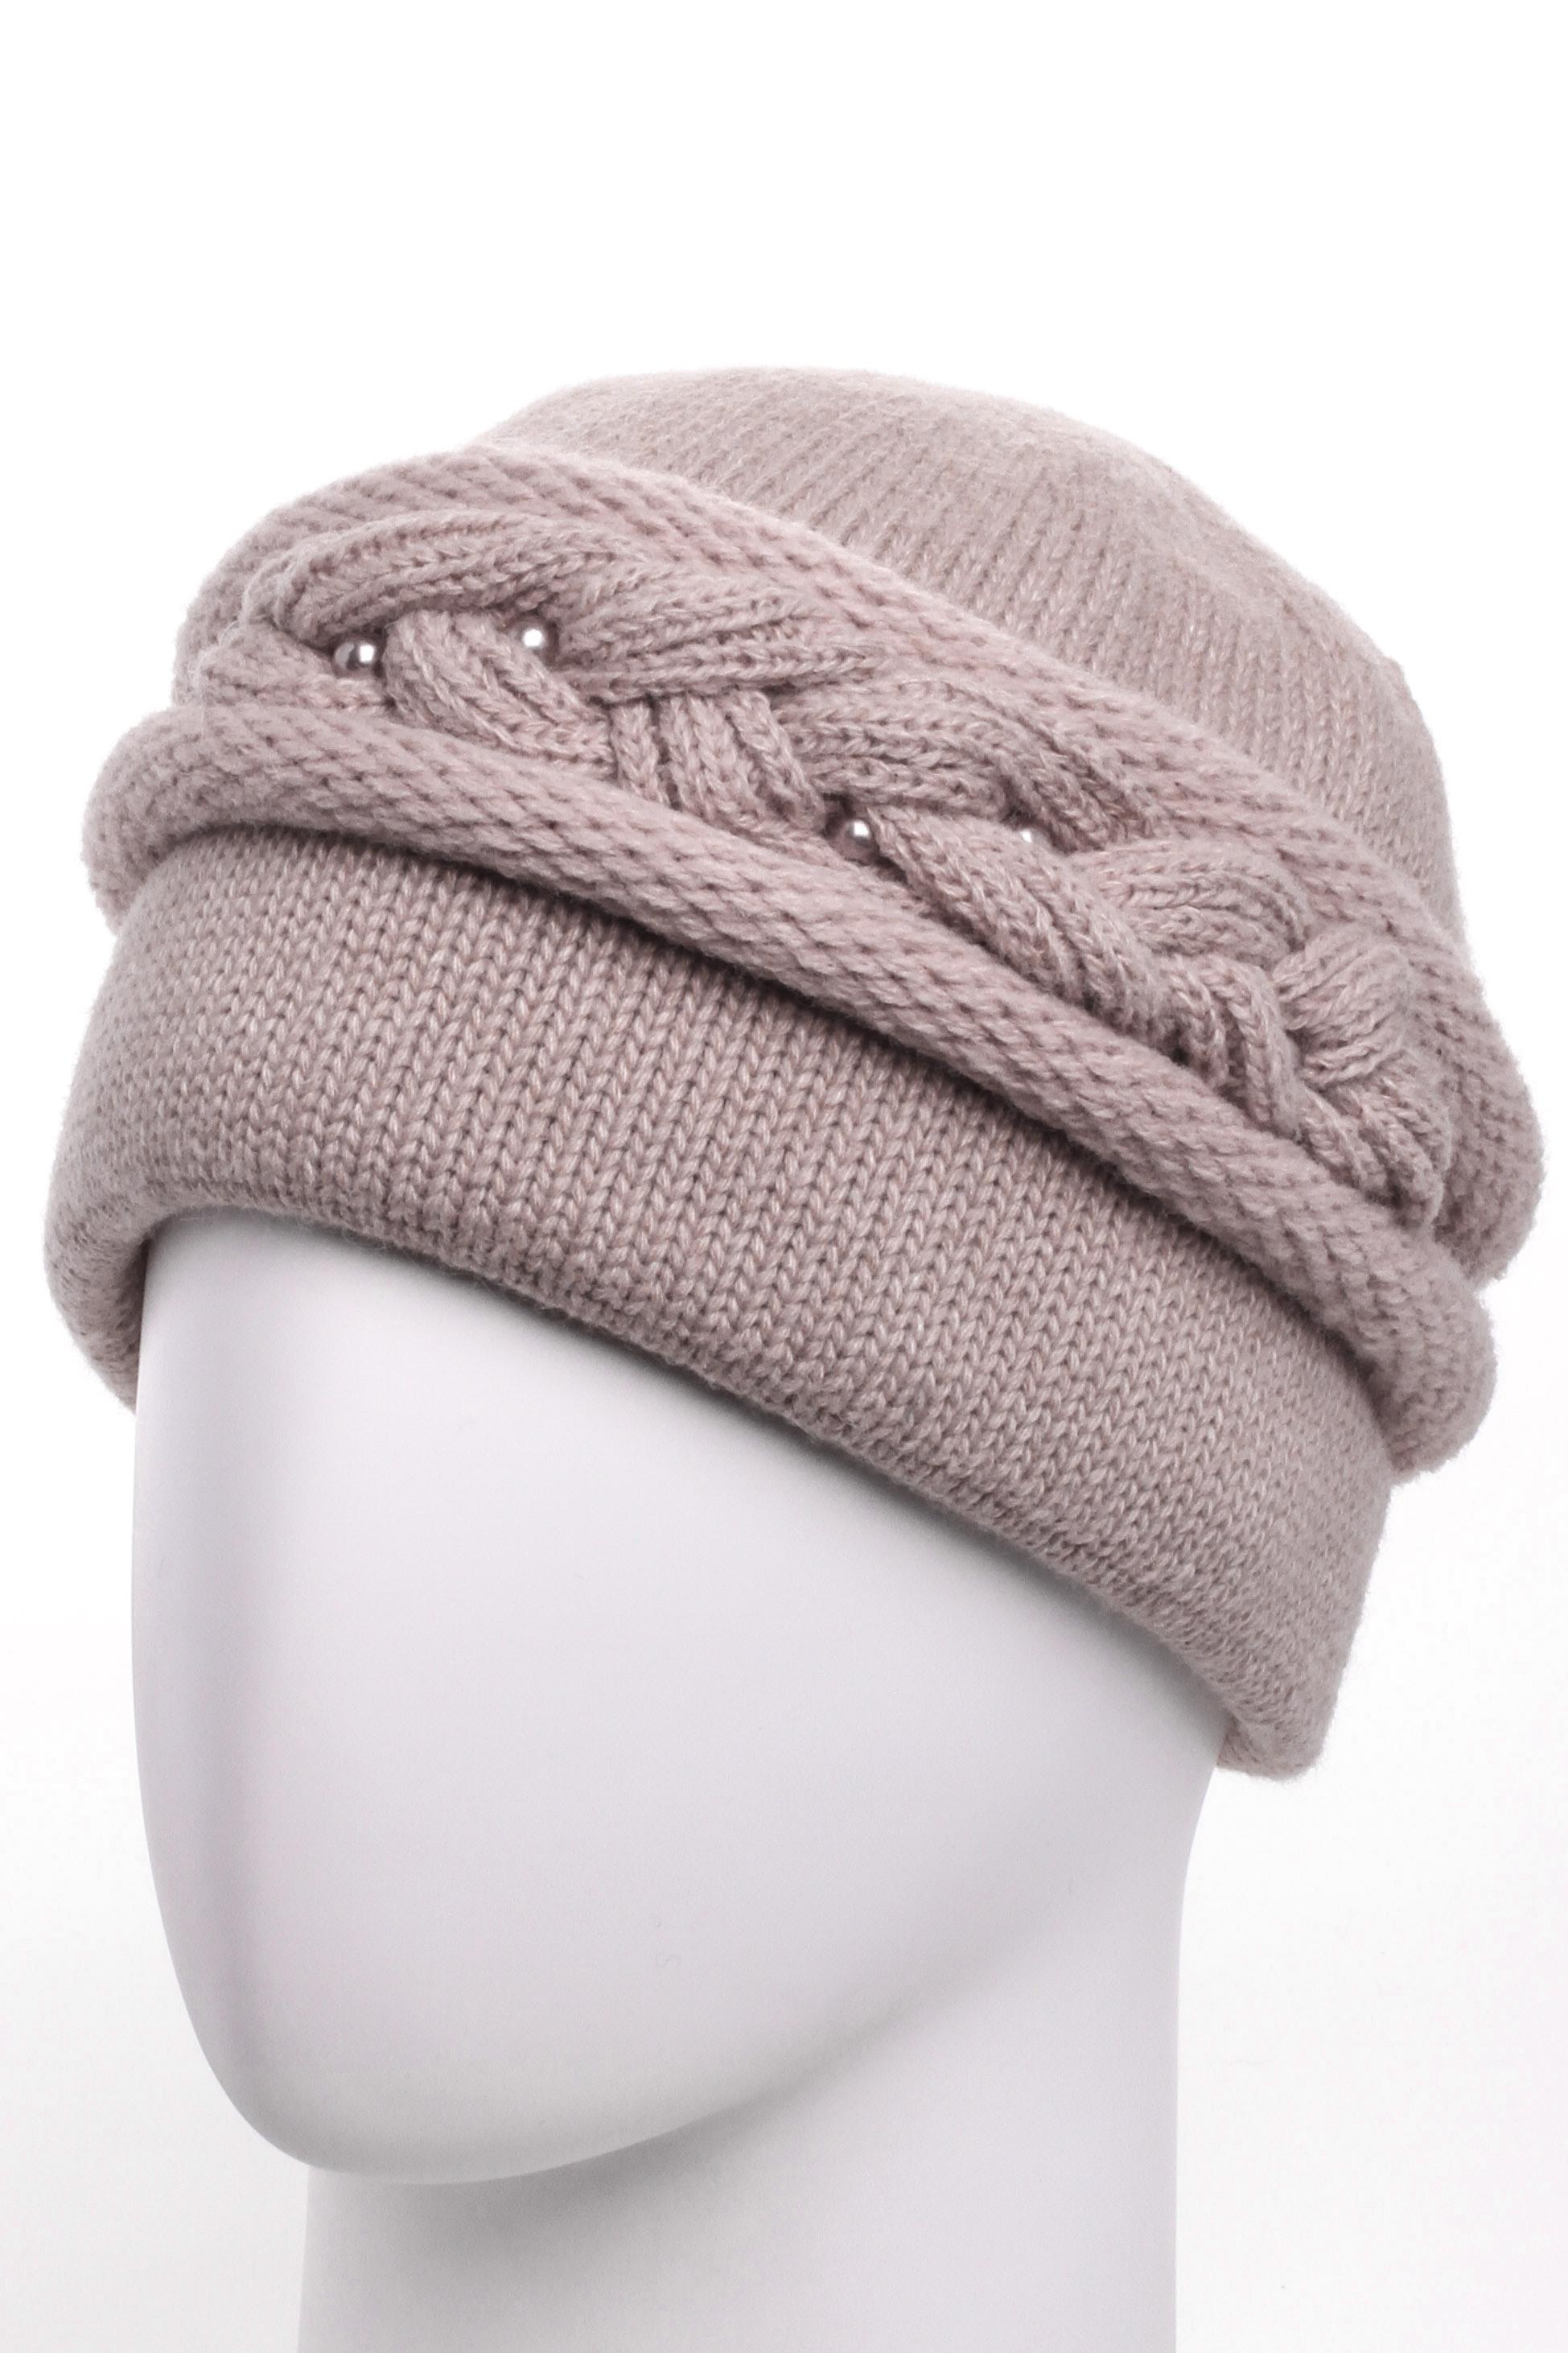 ШапкаШапки<br>Красивая шапка подарит Вам тепло и комфорт.  Стильный аксессуар защитит Вас от непогоды и станет прекрасным дополнением Вашего образа.  Цвет: бежевый<br><br>По материалу: Вязаные,Трикотаж<br>По рисунку: Однотонные<br>По элементам: С декором<br>По сезону: Зима<br>Размер : universal<br>Материал: Вязаное полотно<br>Количество в наличии: 1